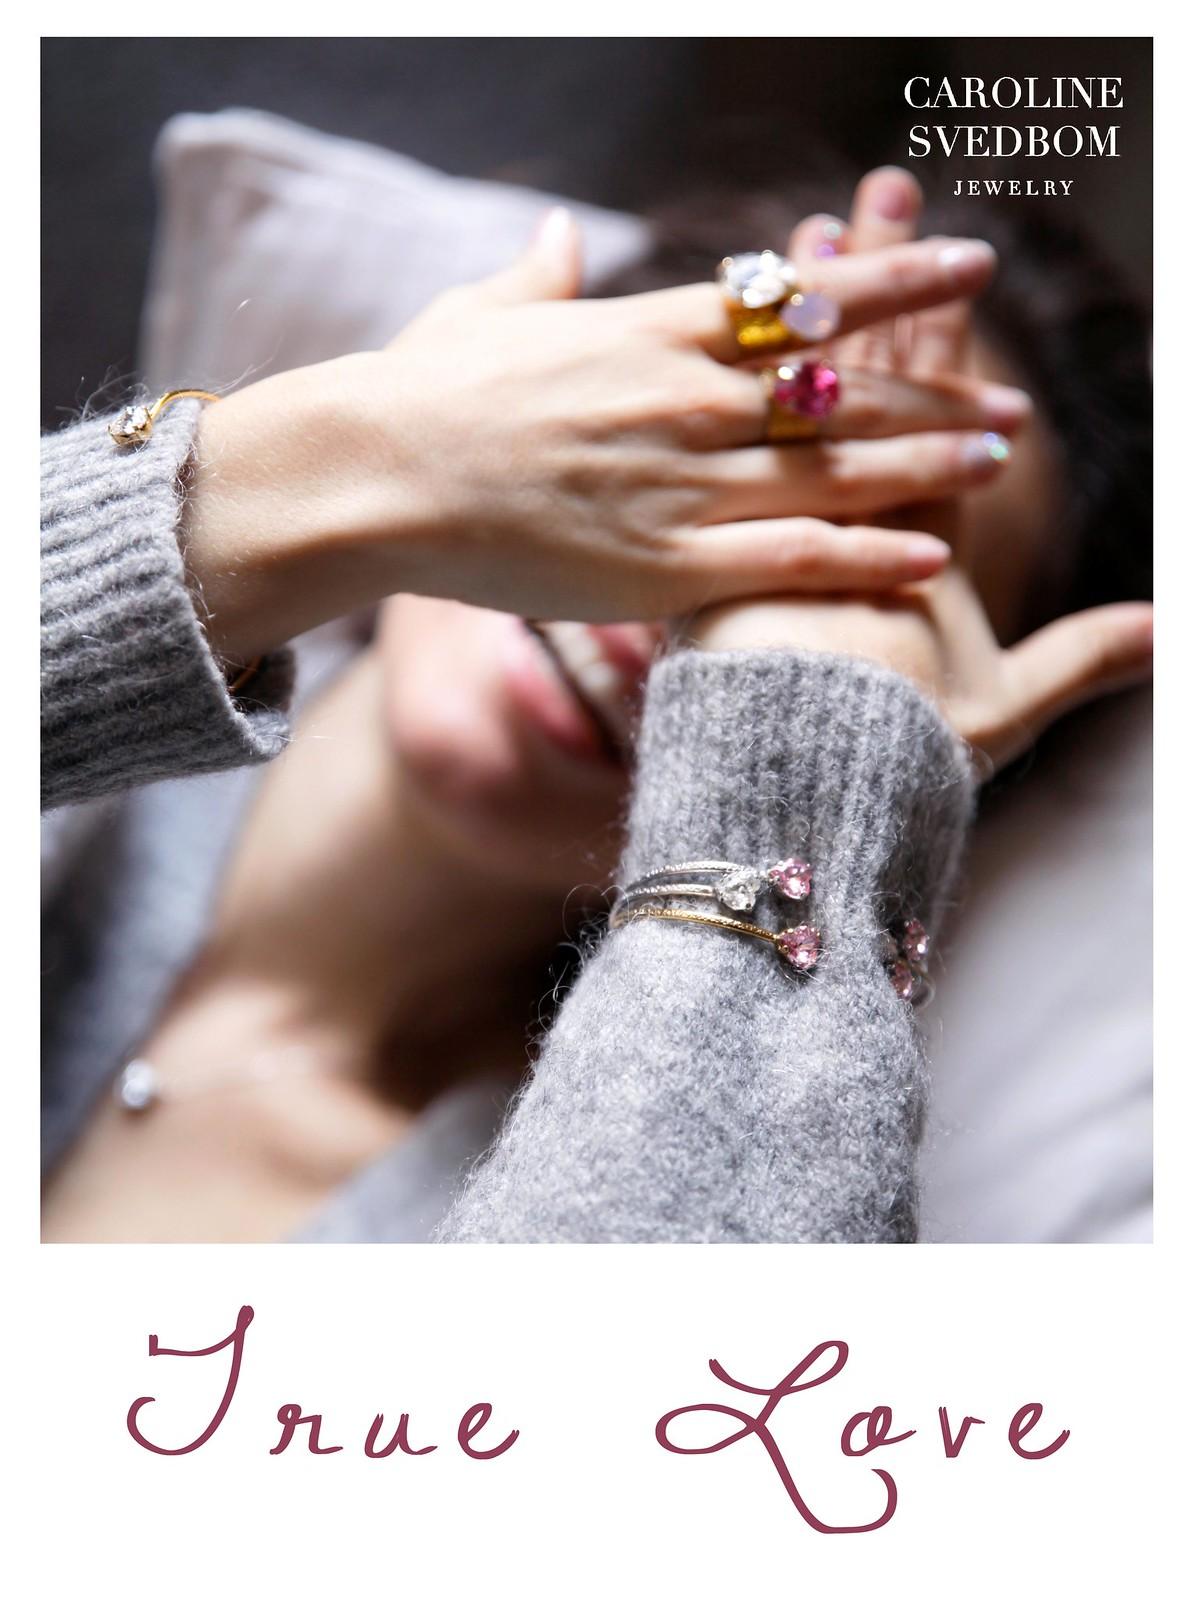 011_St_Valentines_True_Love_With_Caroline_Svedbom_Jewels_Theguestgirl_Brand_Ambassador_Spain_Barcelona_Swarovski_blogger